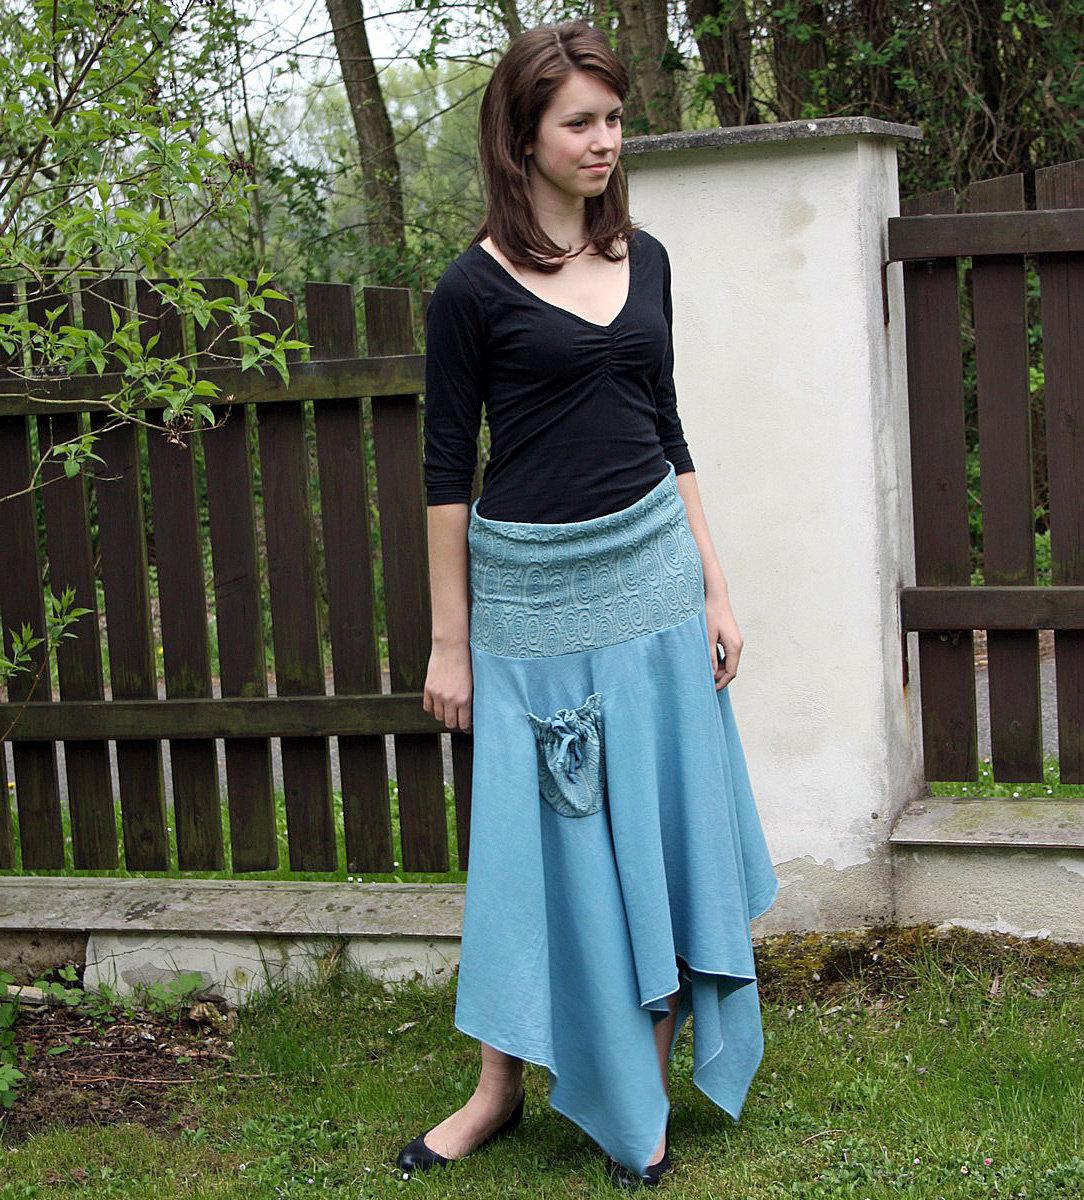 32dd65e0d5d Dlouhá sukně s úletovým sedlem    Detail produktu    Radka Zrůstková ...